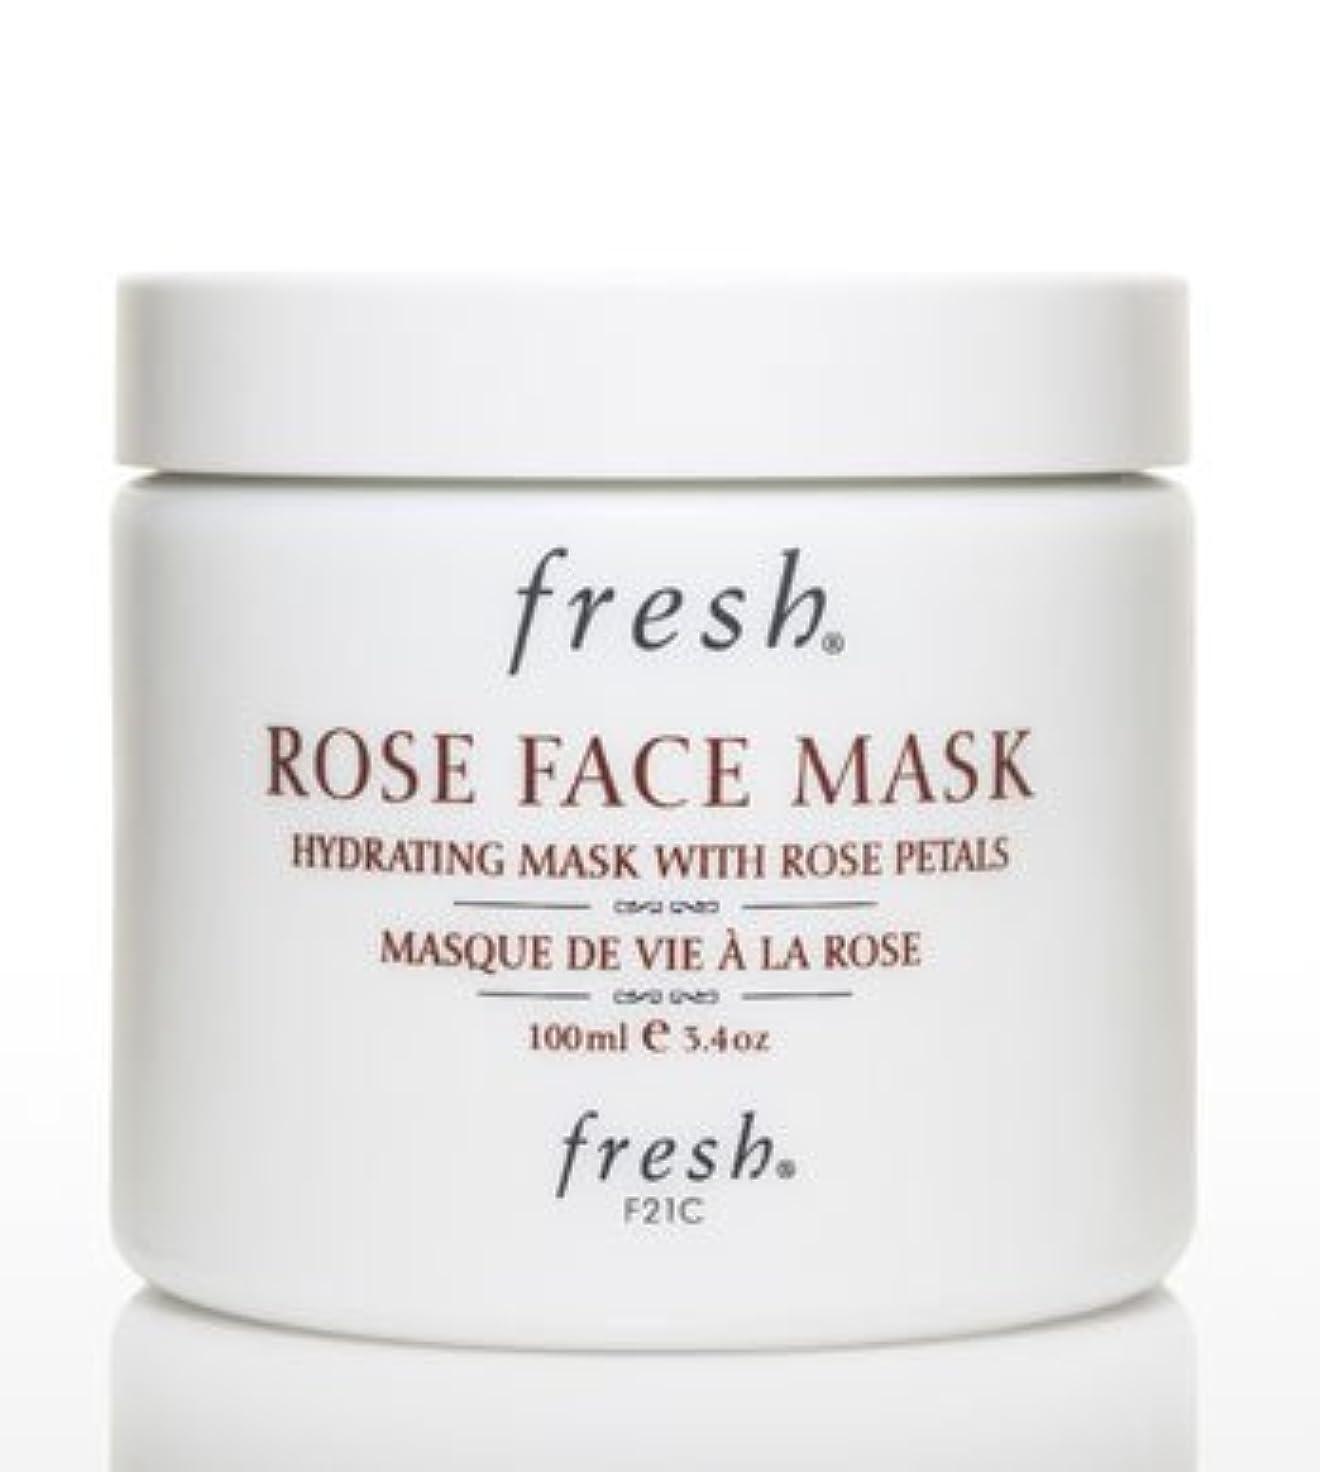 悪因子息苦しいフライトFresh ROSE FACE MASK (フレッシュ ローズフェイスマスク) 3.4 oz (100g) by Fresh for Women